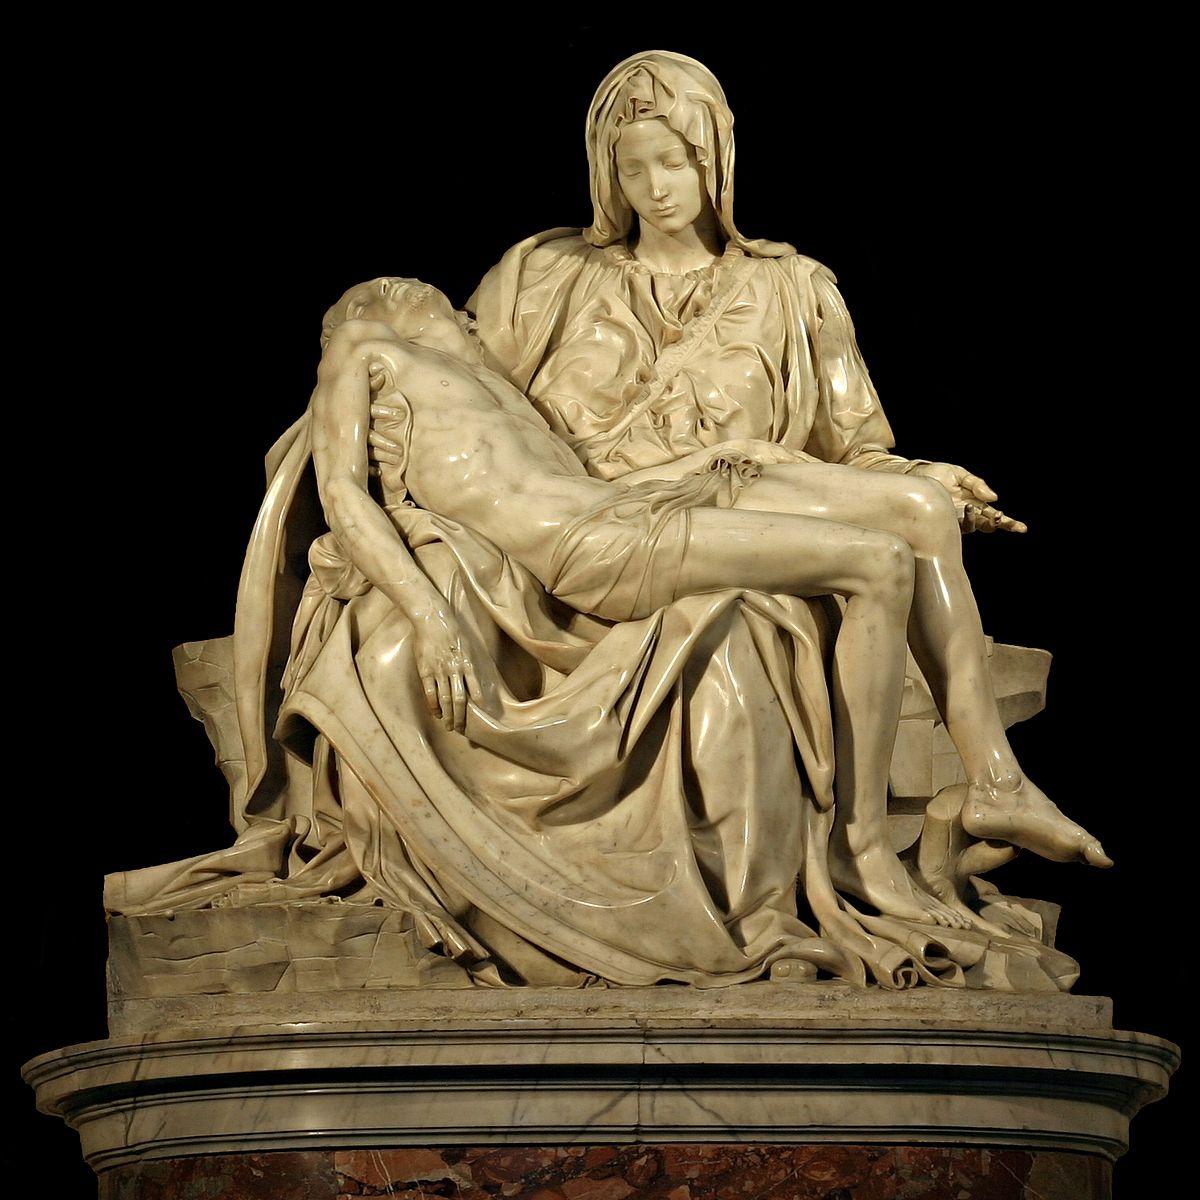 Pietà (Michelangelo) - Wikipedia